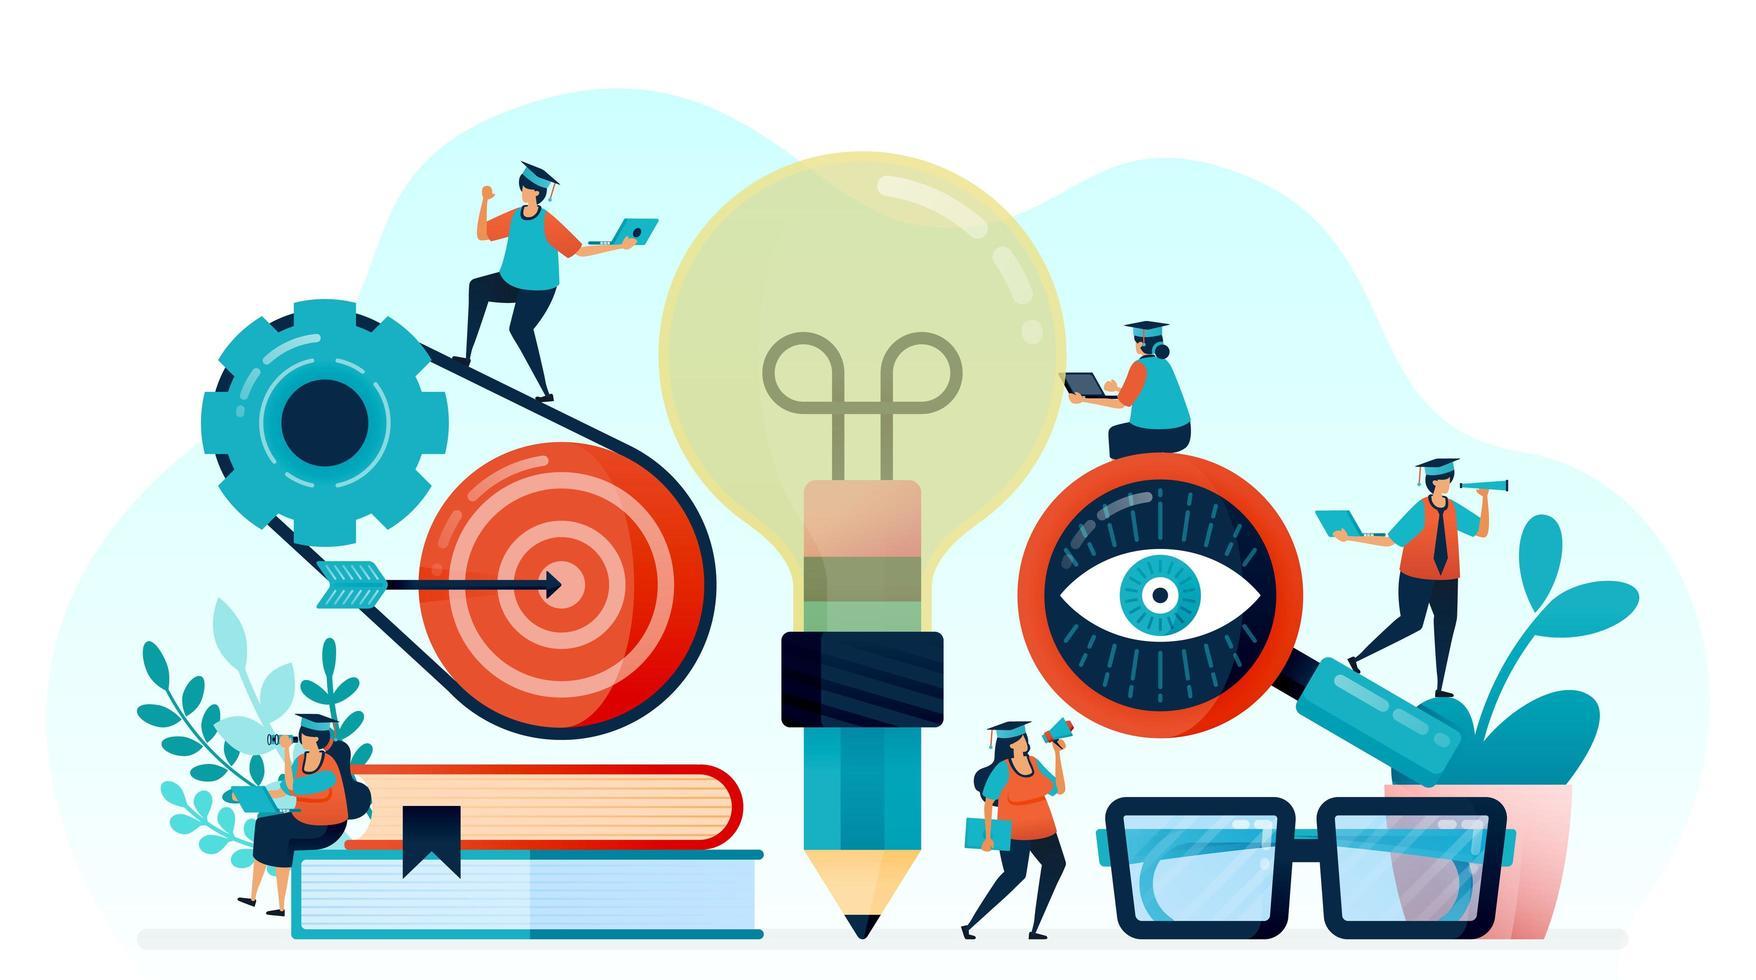 ilustração vetorial de ideia e inspiração na aprendizagem do aluno, lápis com ideia de lâmpada, aprender a atingir o alvo, em busca de iluminação e ciência em palestras, aprender a ter ideia e conhecimento vetor